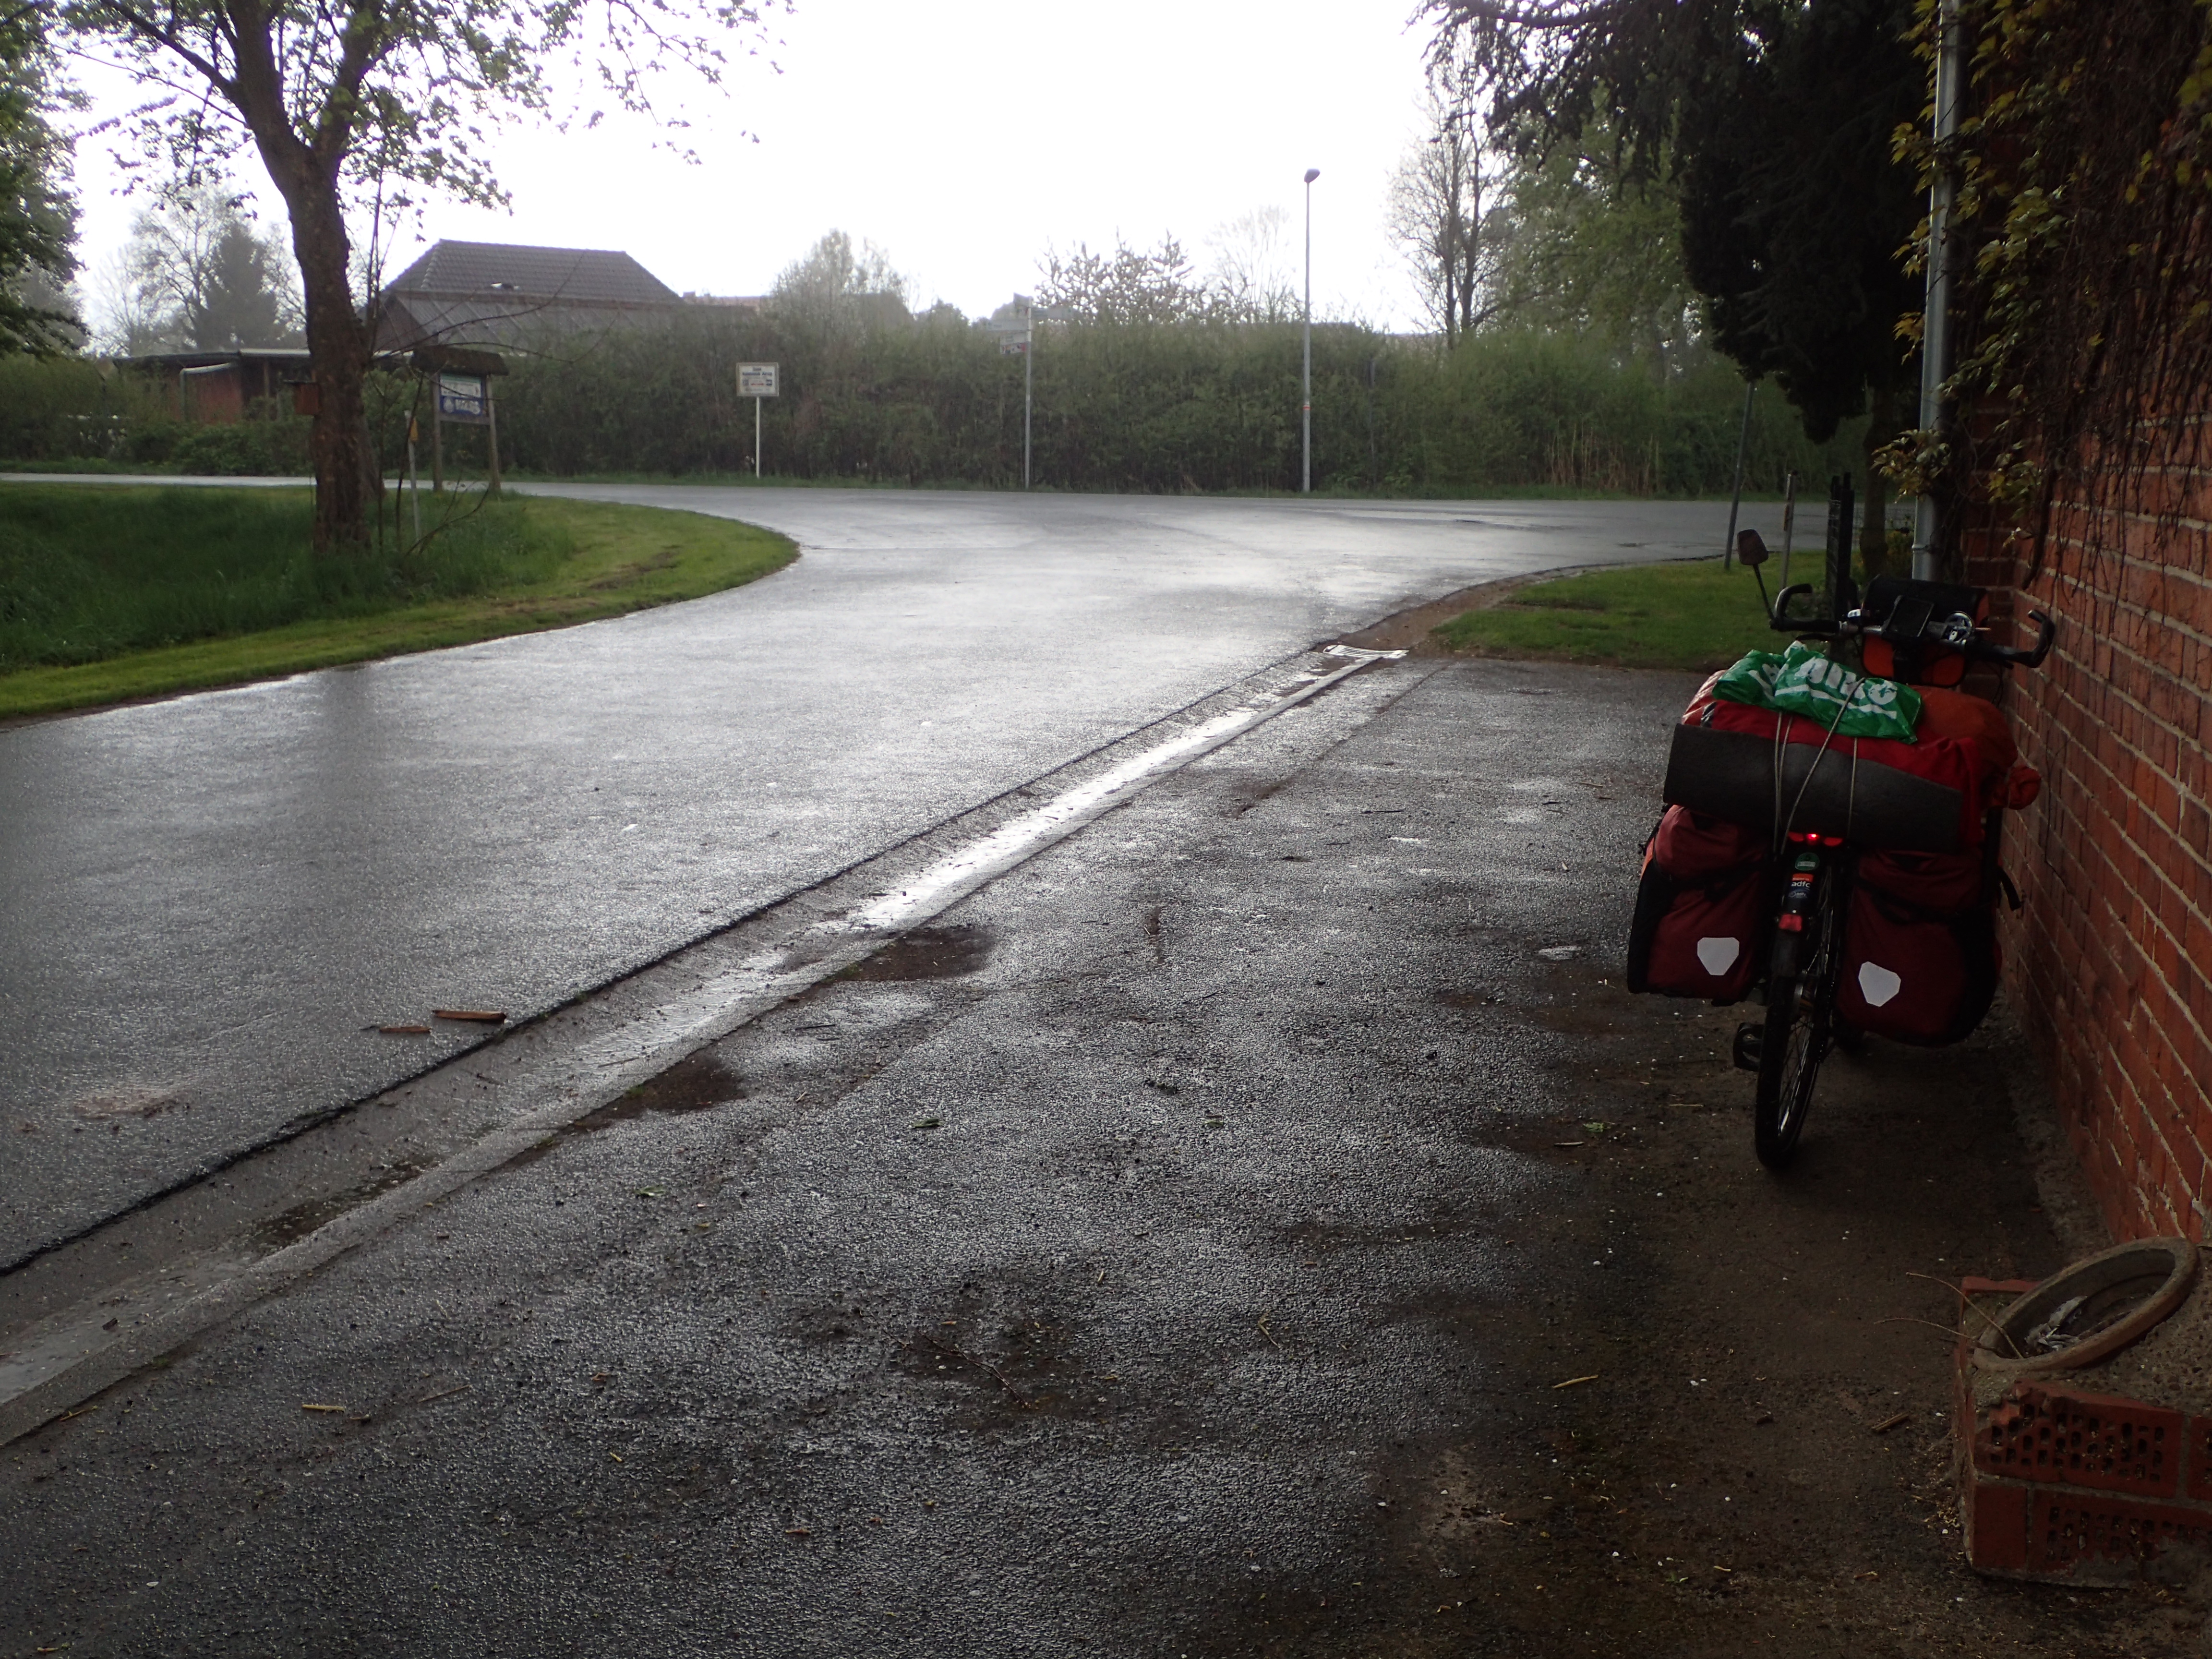 der erste kräftige Regenguß